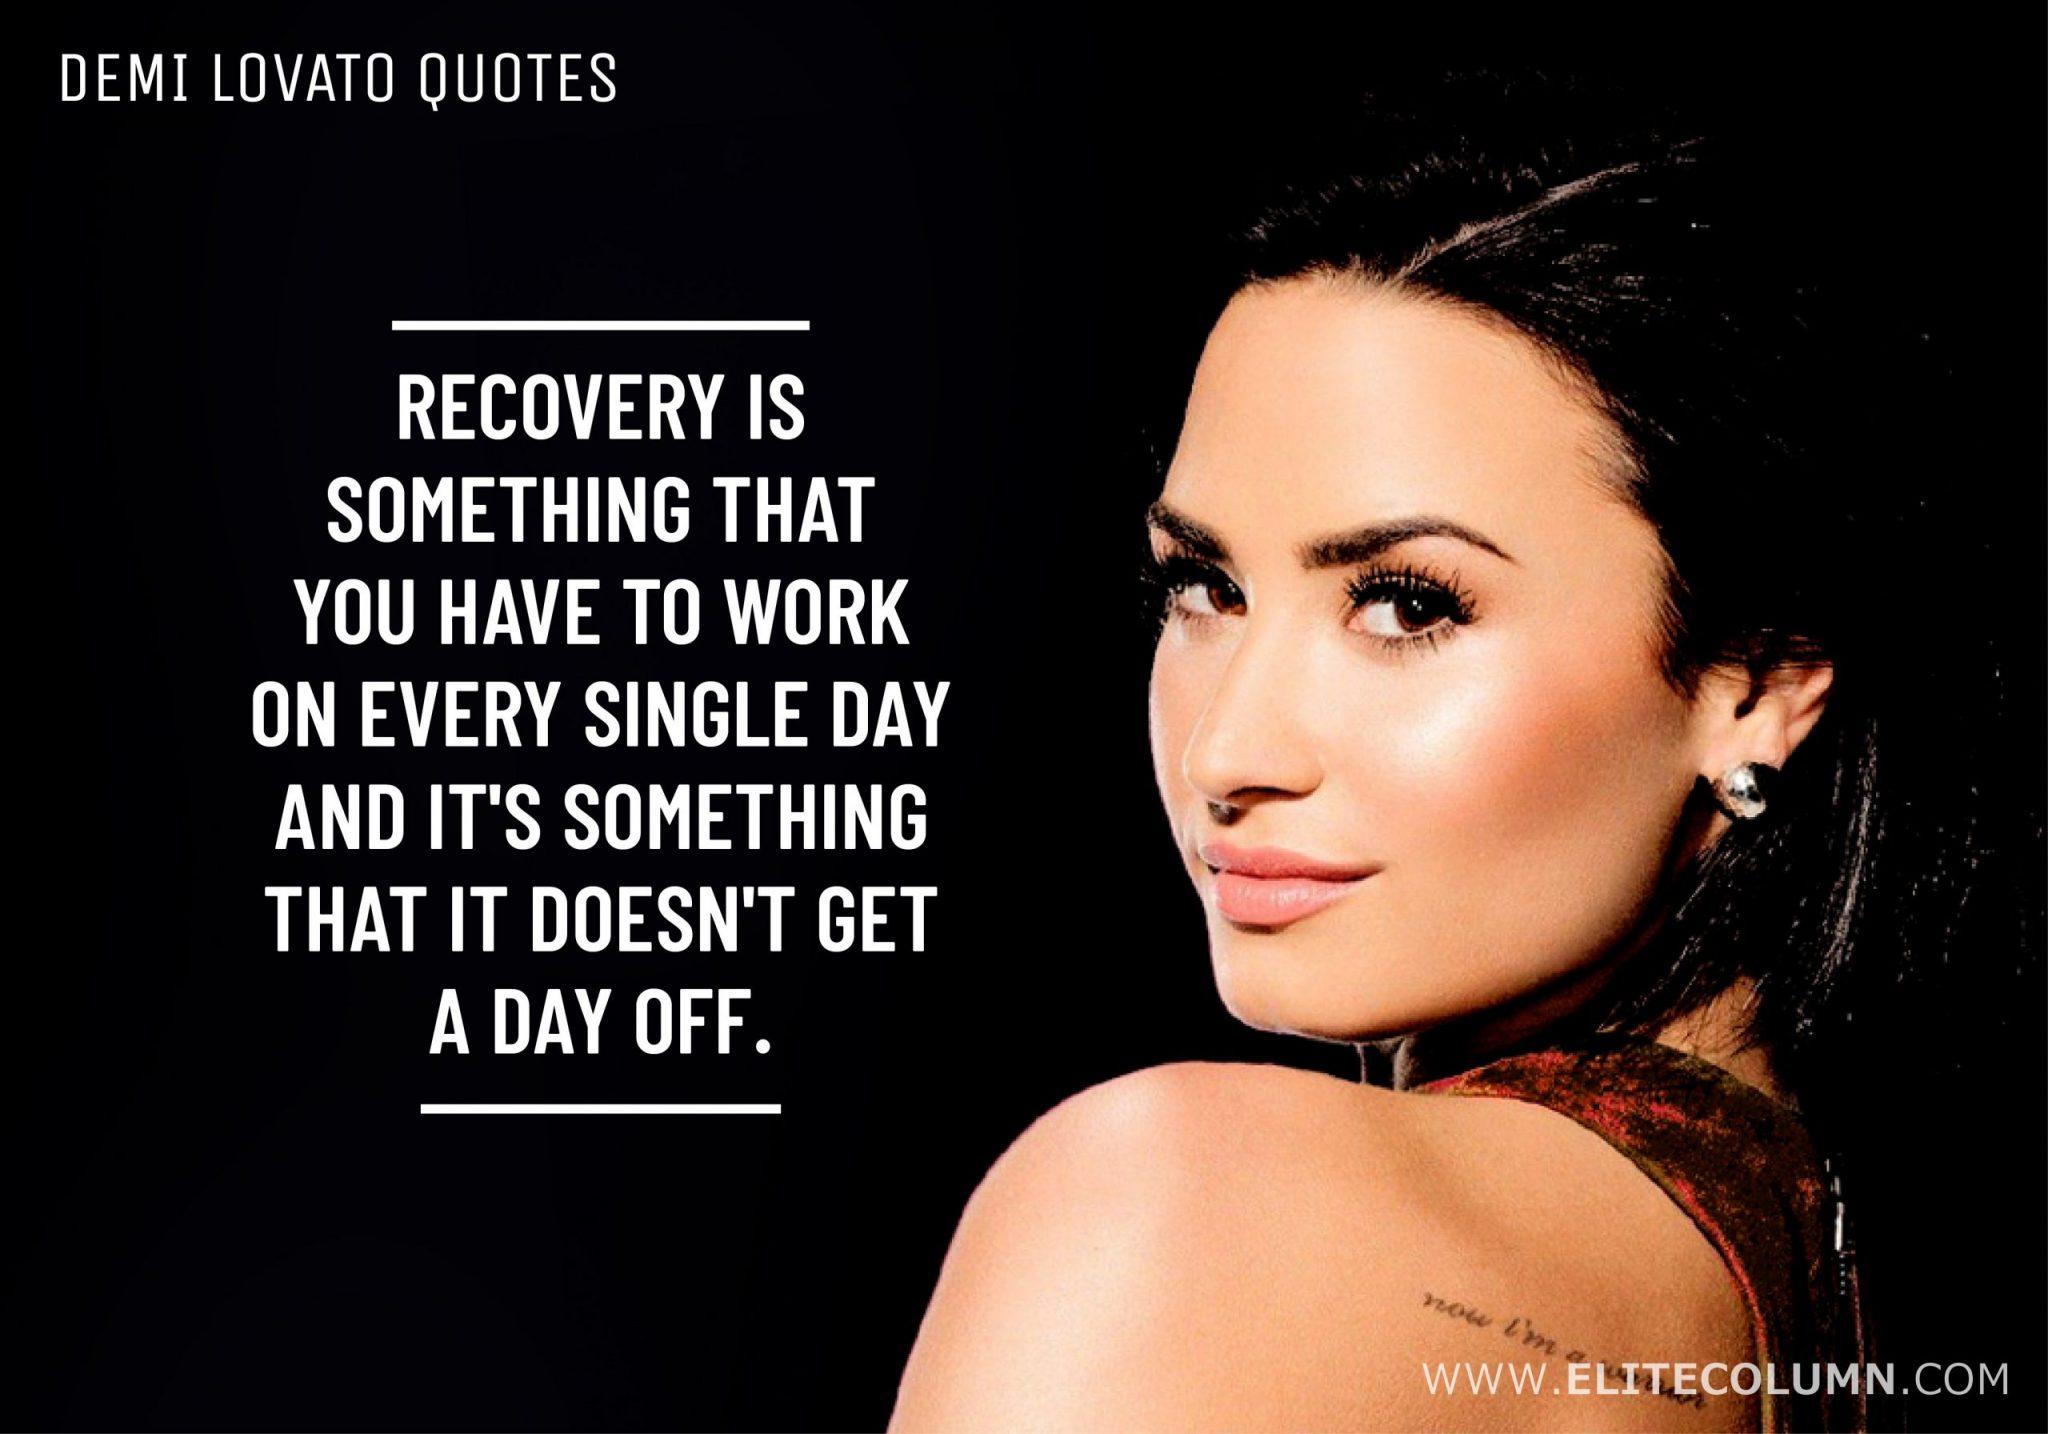 Demi Lovato Quotes (3)